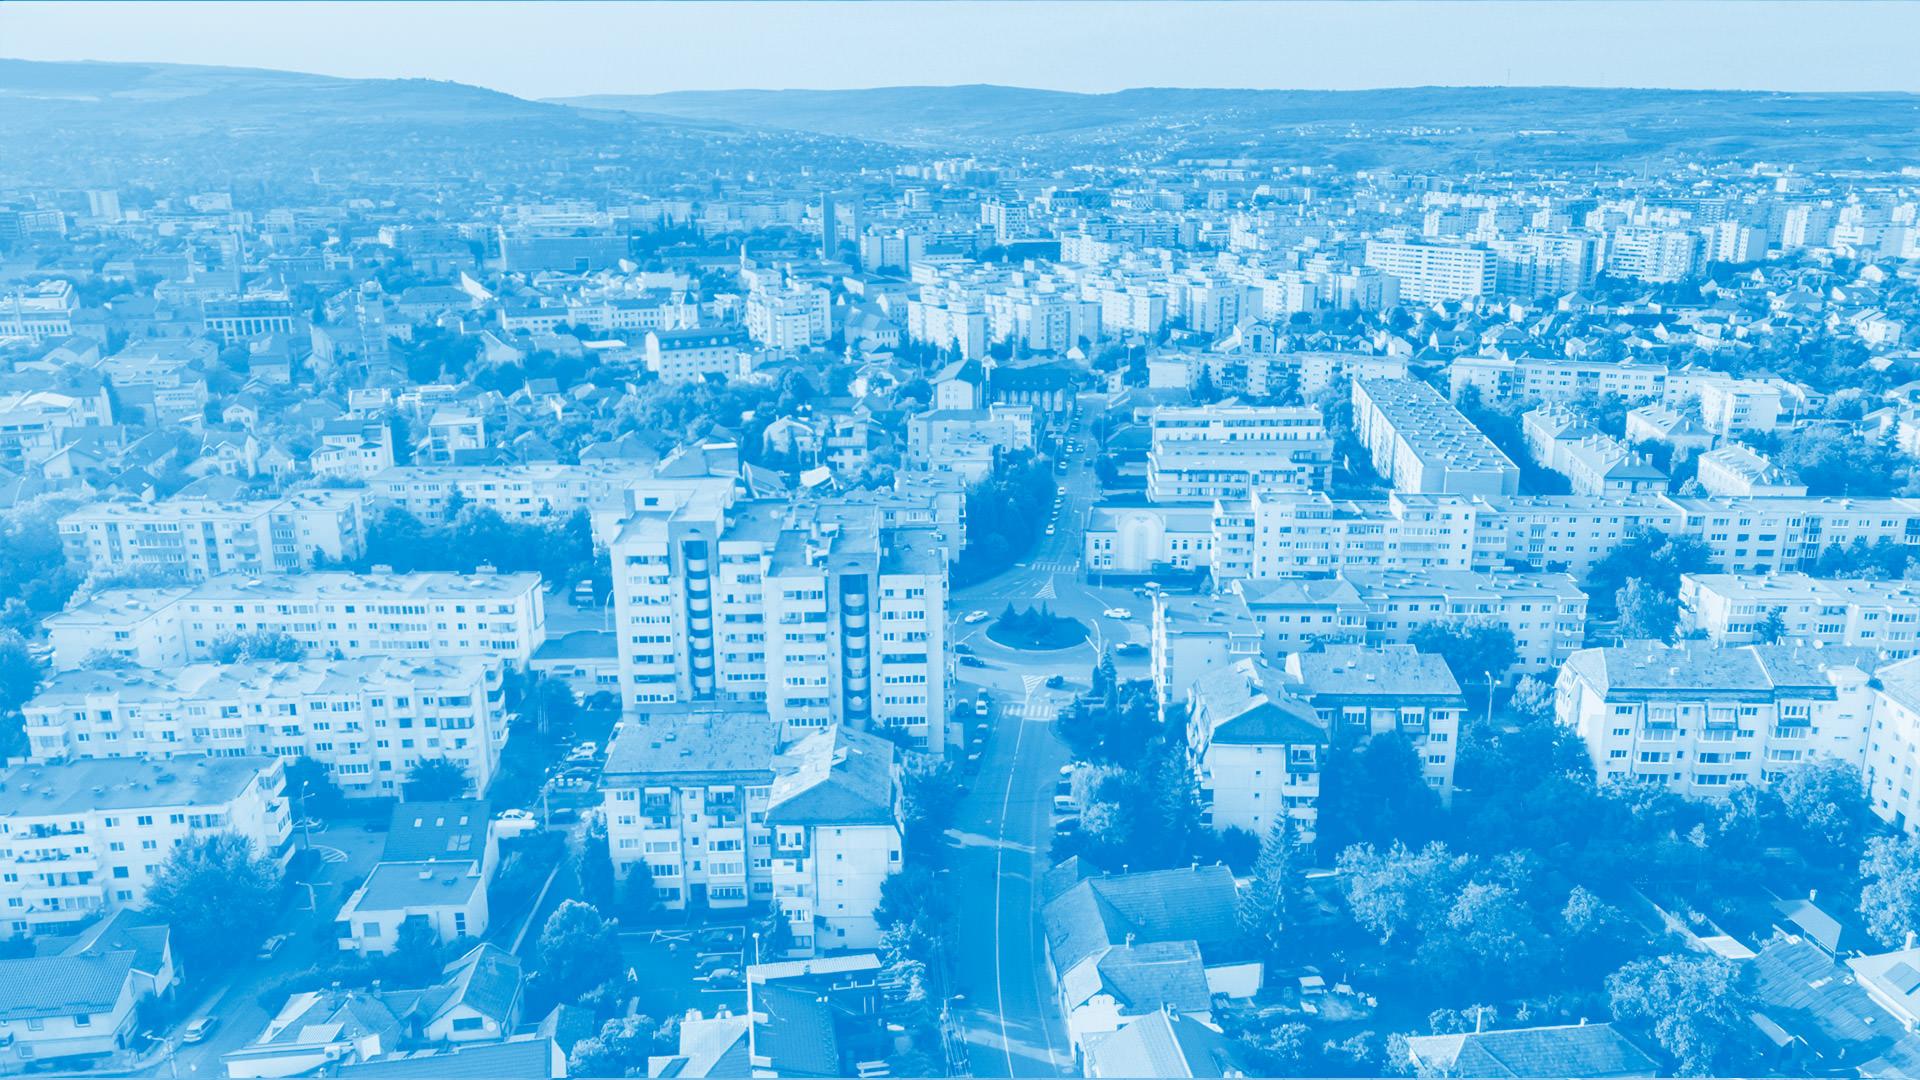 Rezumatul de luni | Ce s-a mai întâmplat în Cluj săptămâna trecută